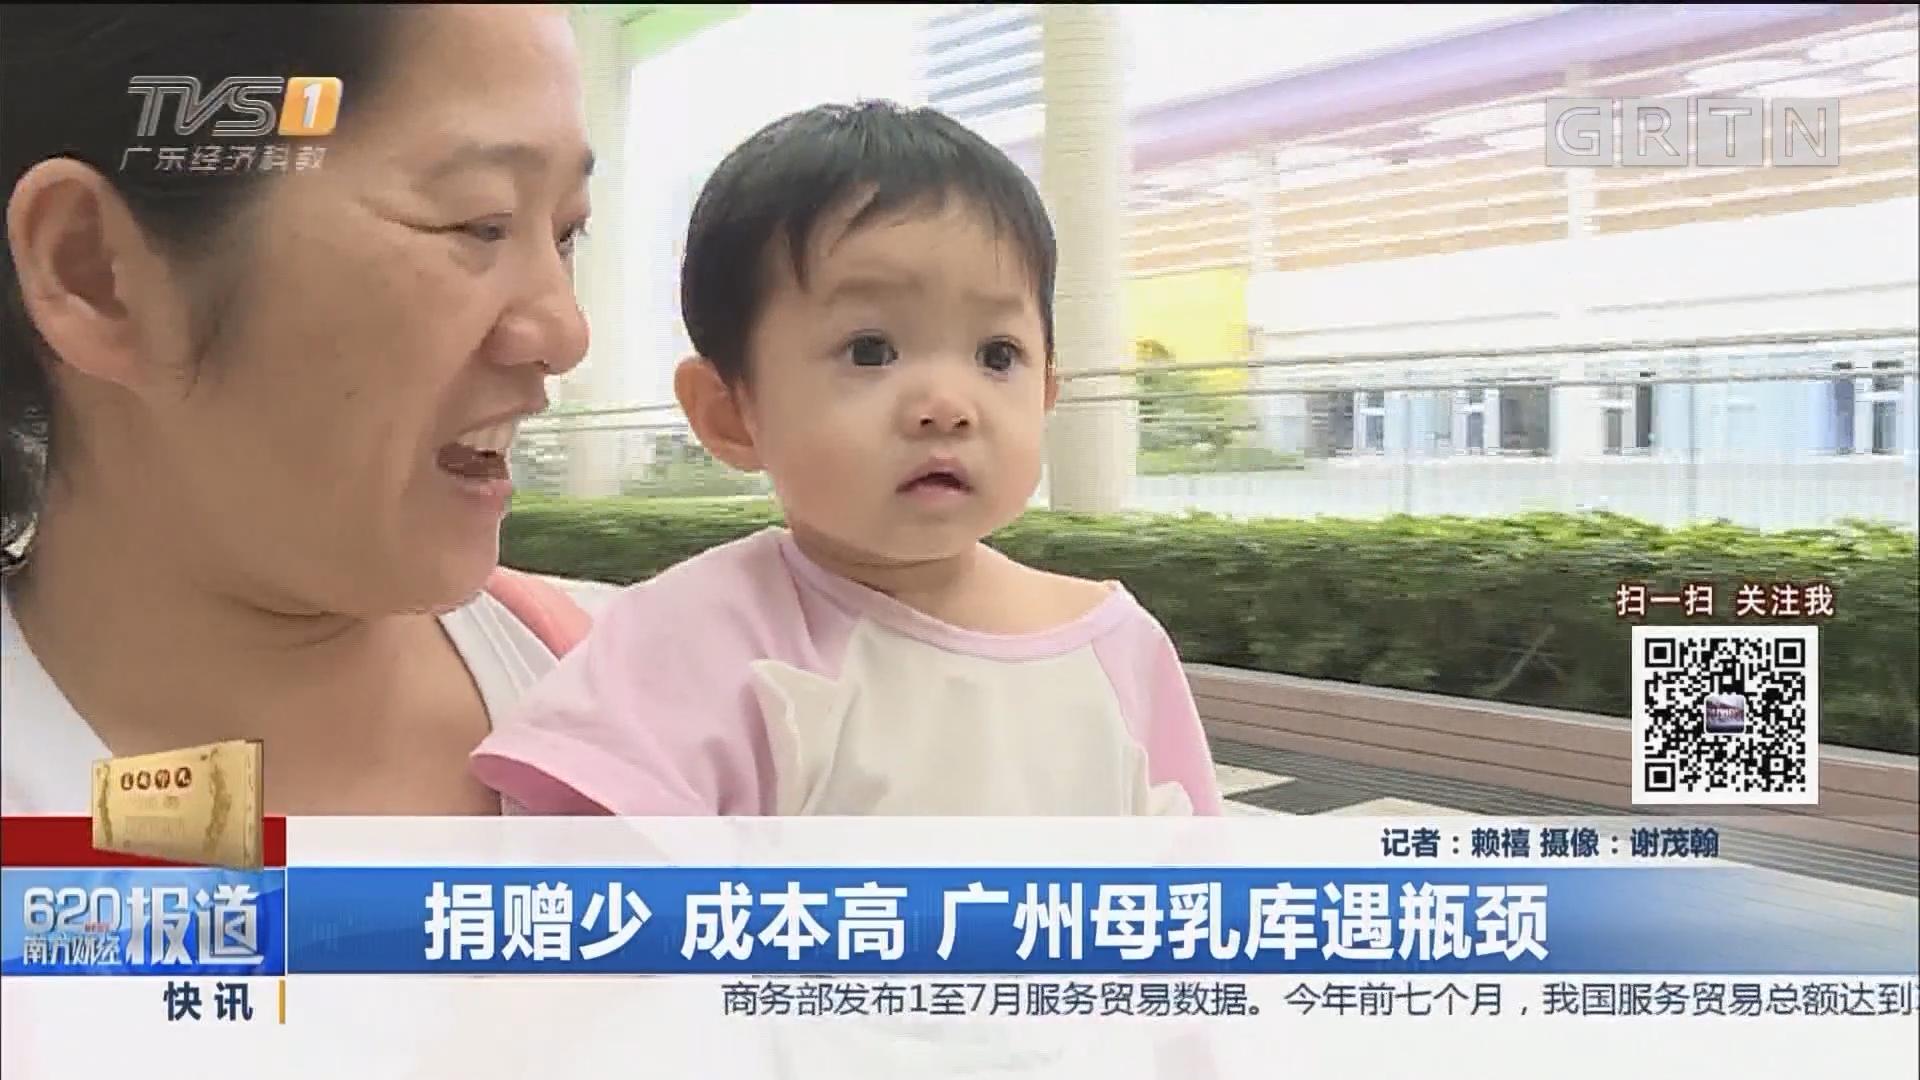 捐赠少 成本高 广州母乳库遇瓶颈